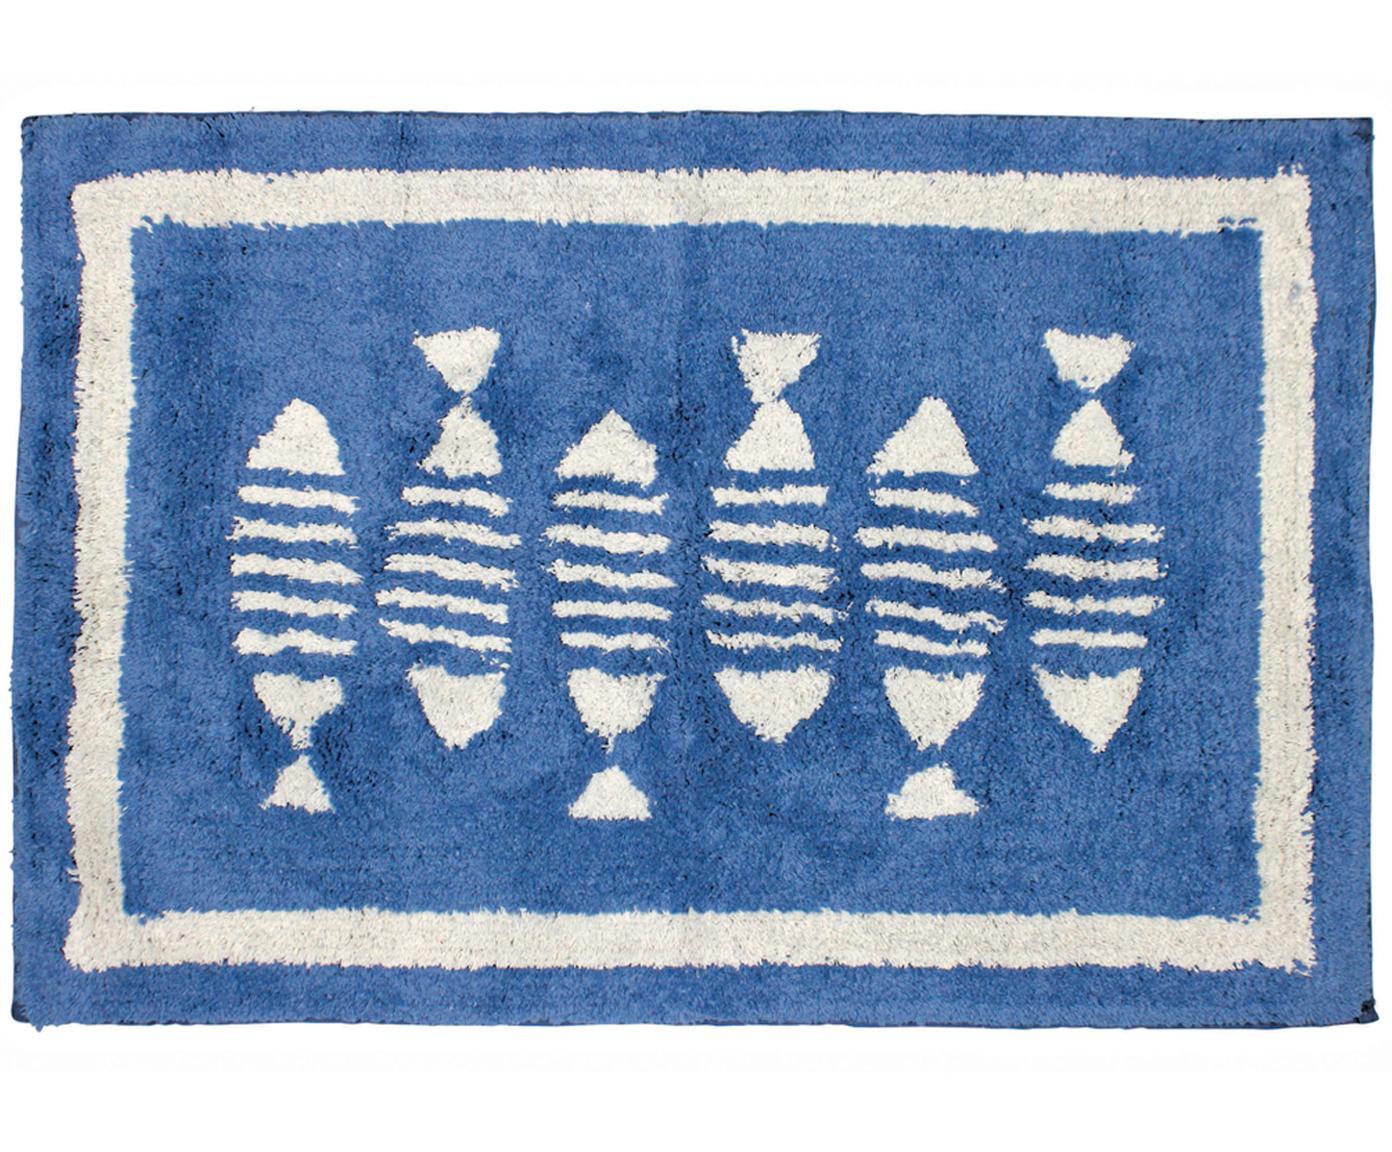 Tappeto bagno in cotone Summa, Cotone, Blu, bianco, Larg. 60 x Lung. 90 cm